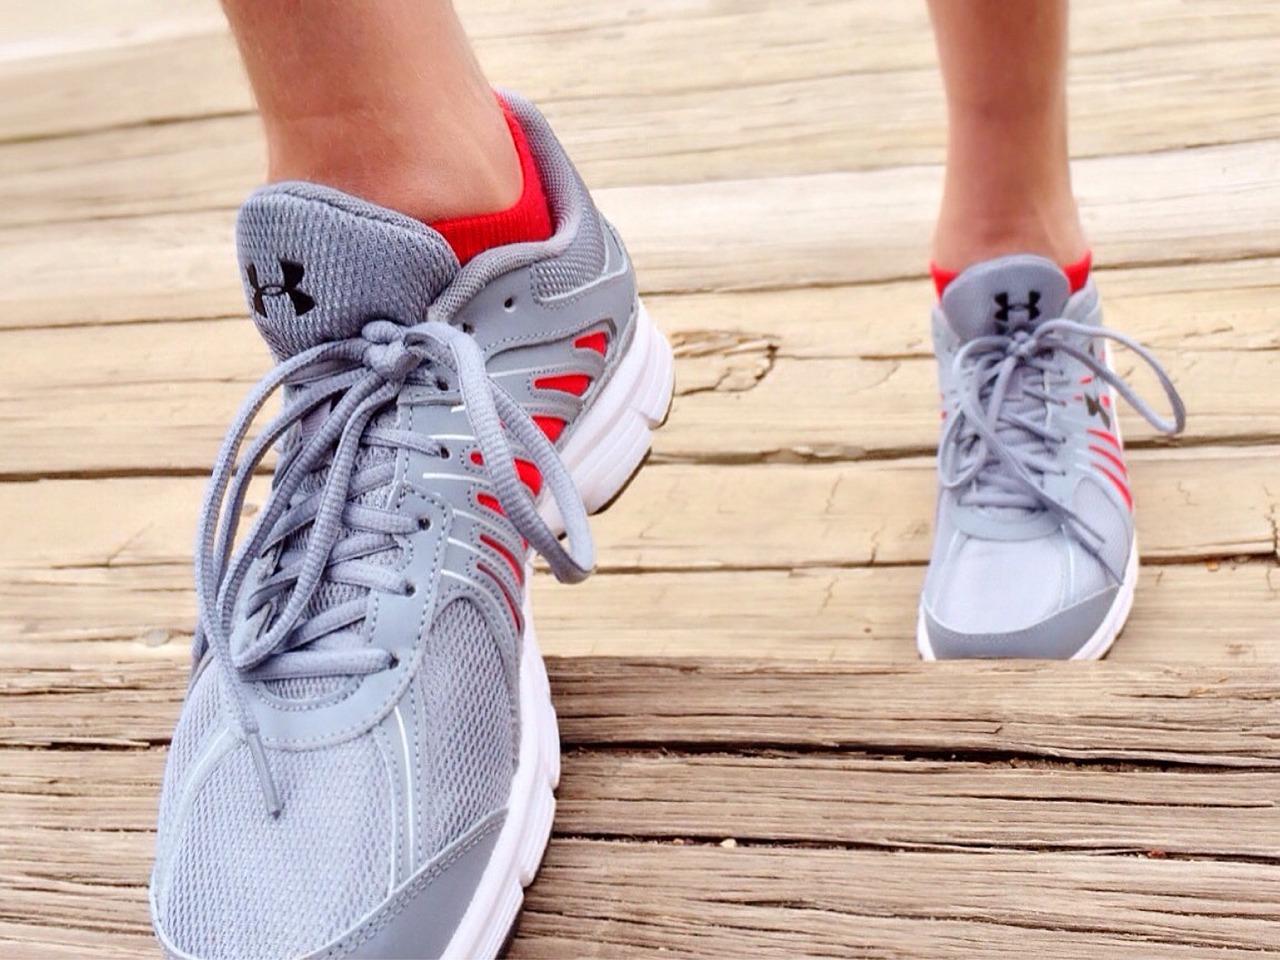 もっと速く走るためのコツはリズム練習法でつかめ!